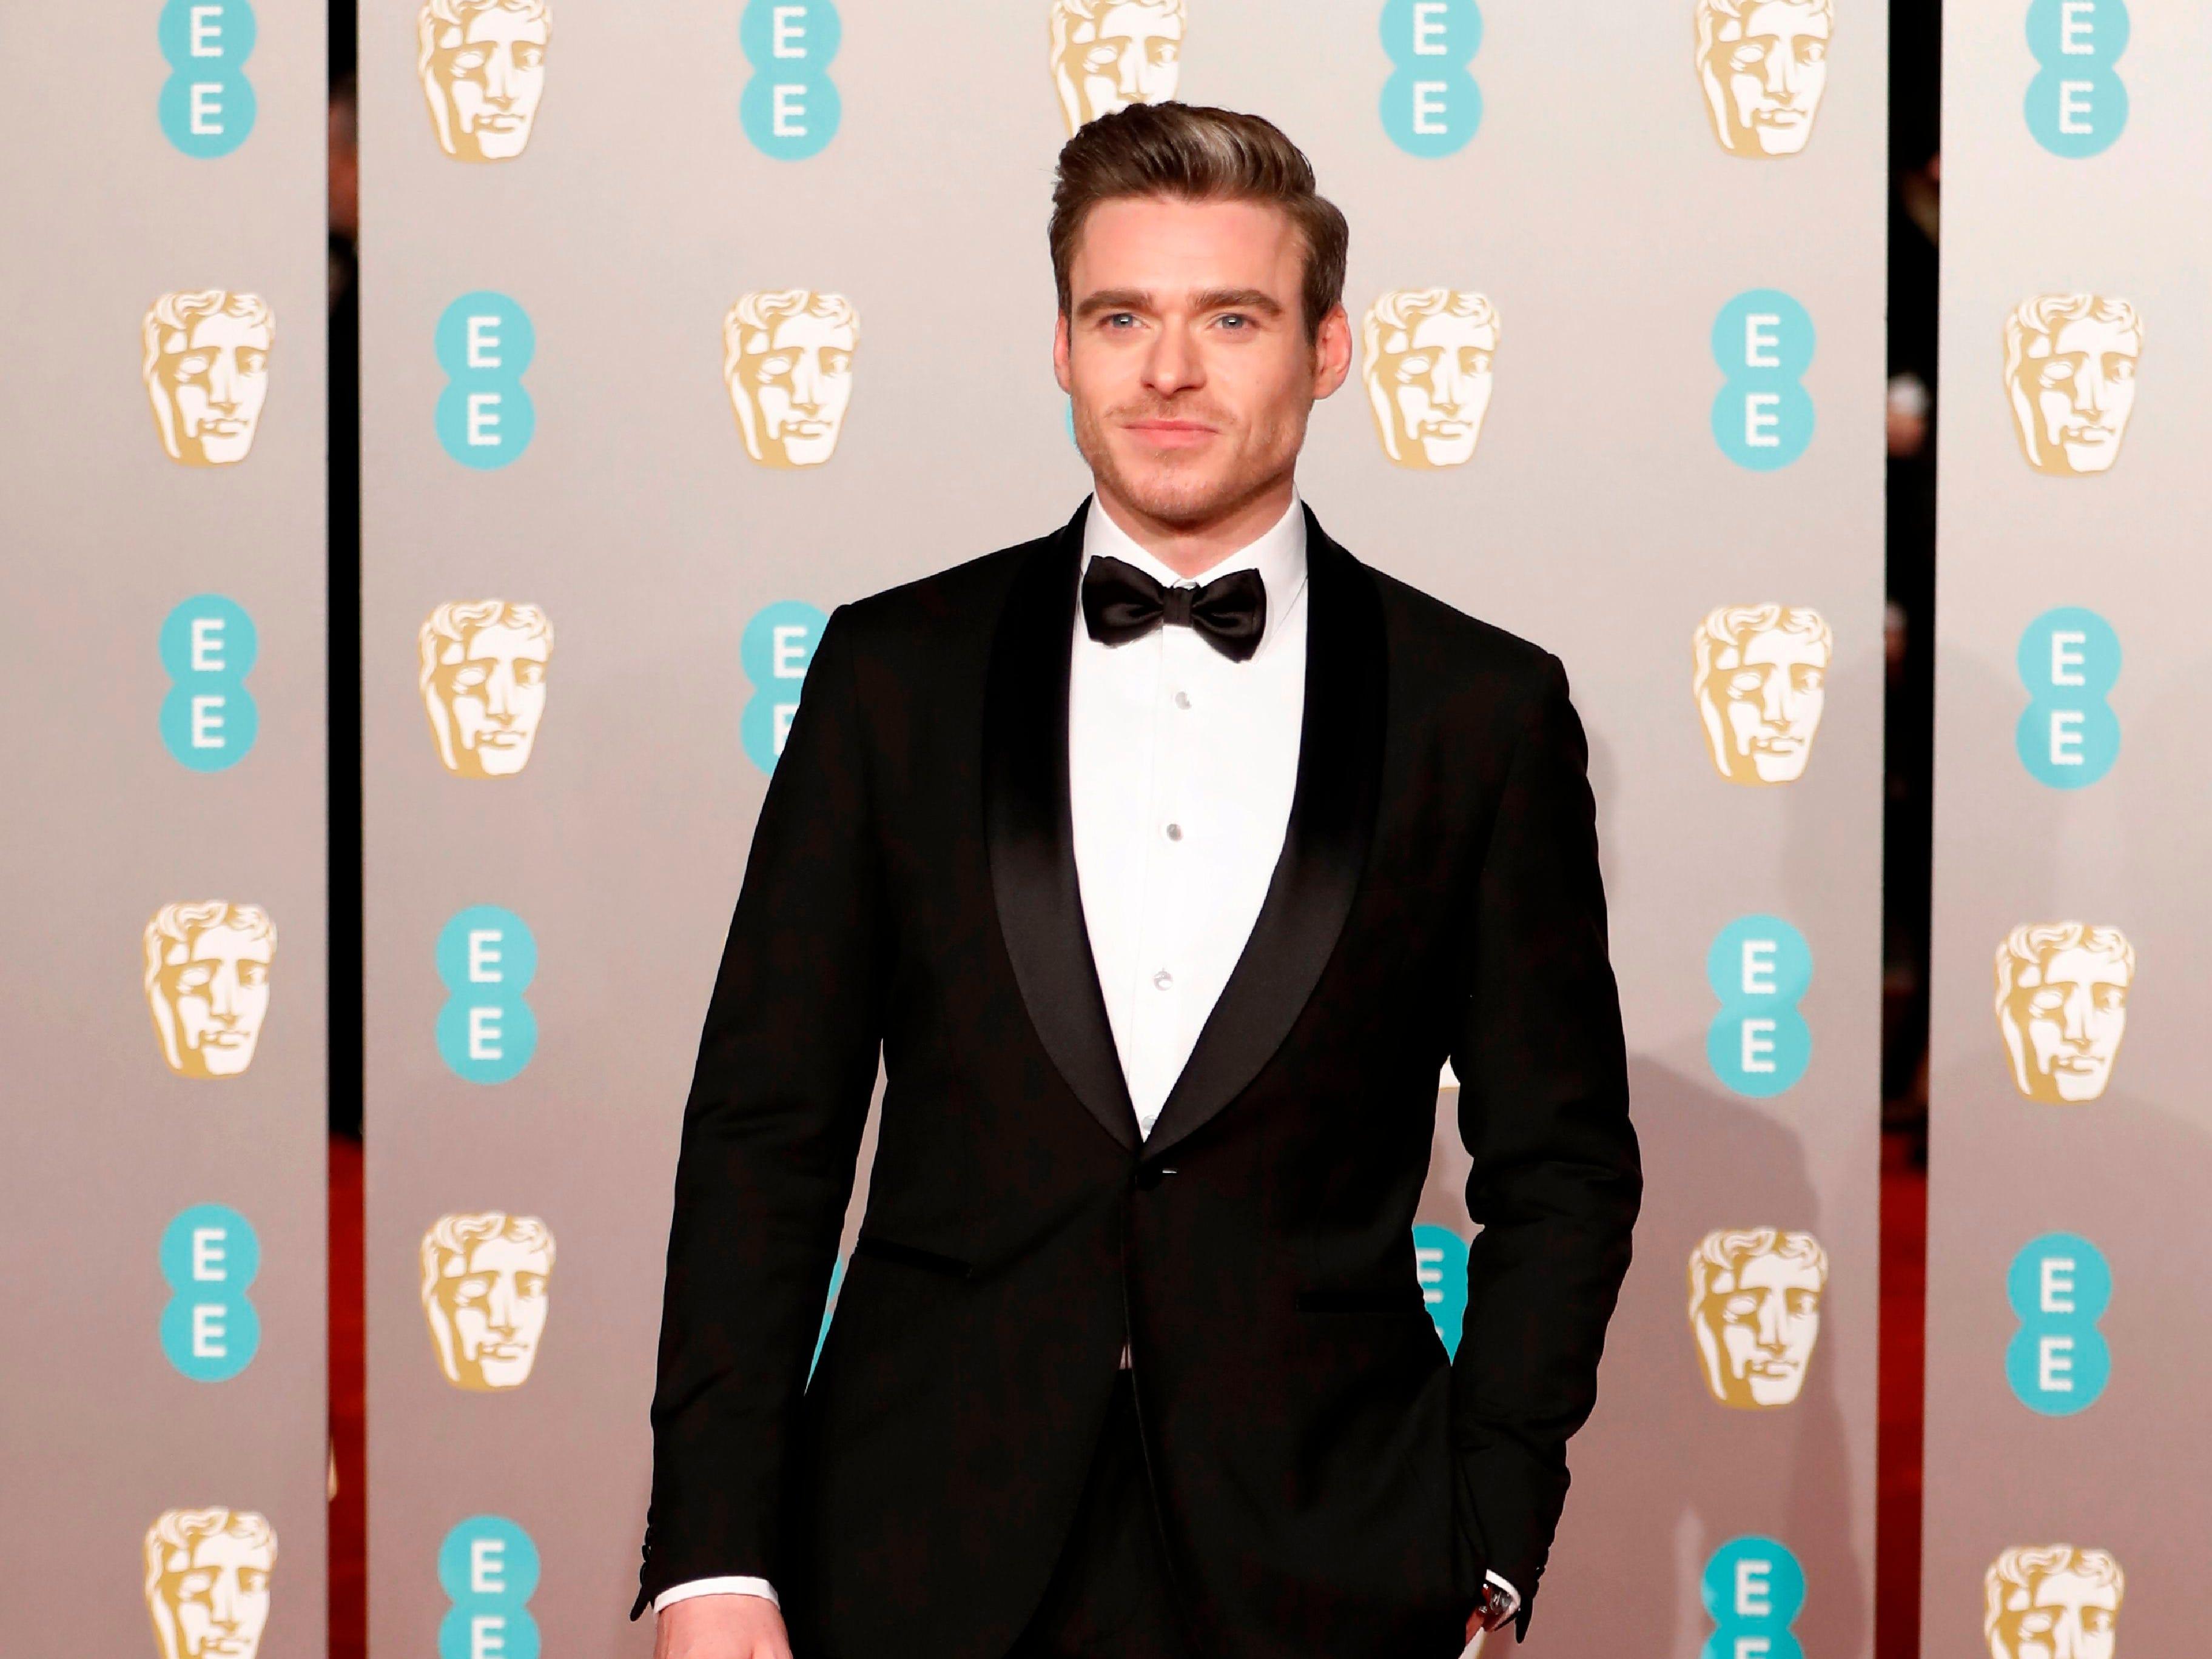 Richard Madden a su llegada a la alfombra roja de los Premios de la Academia Británica de Cine BAFTA en el Royal Albert Hall en Londres el 10 de febrero de 2019.